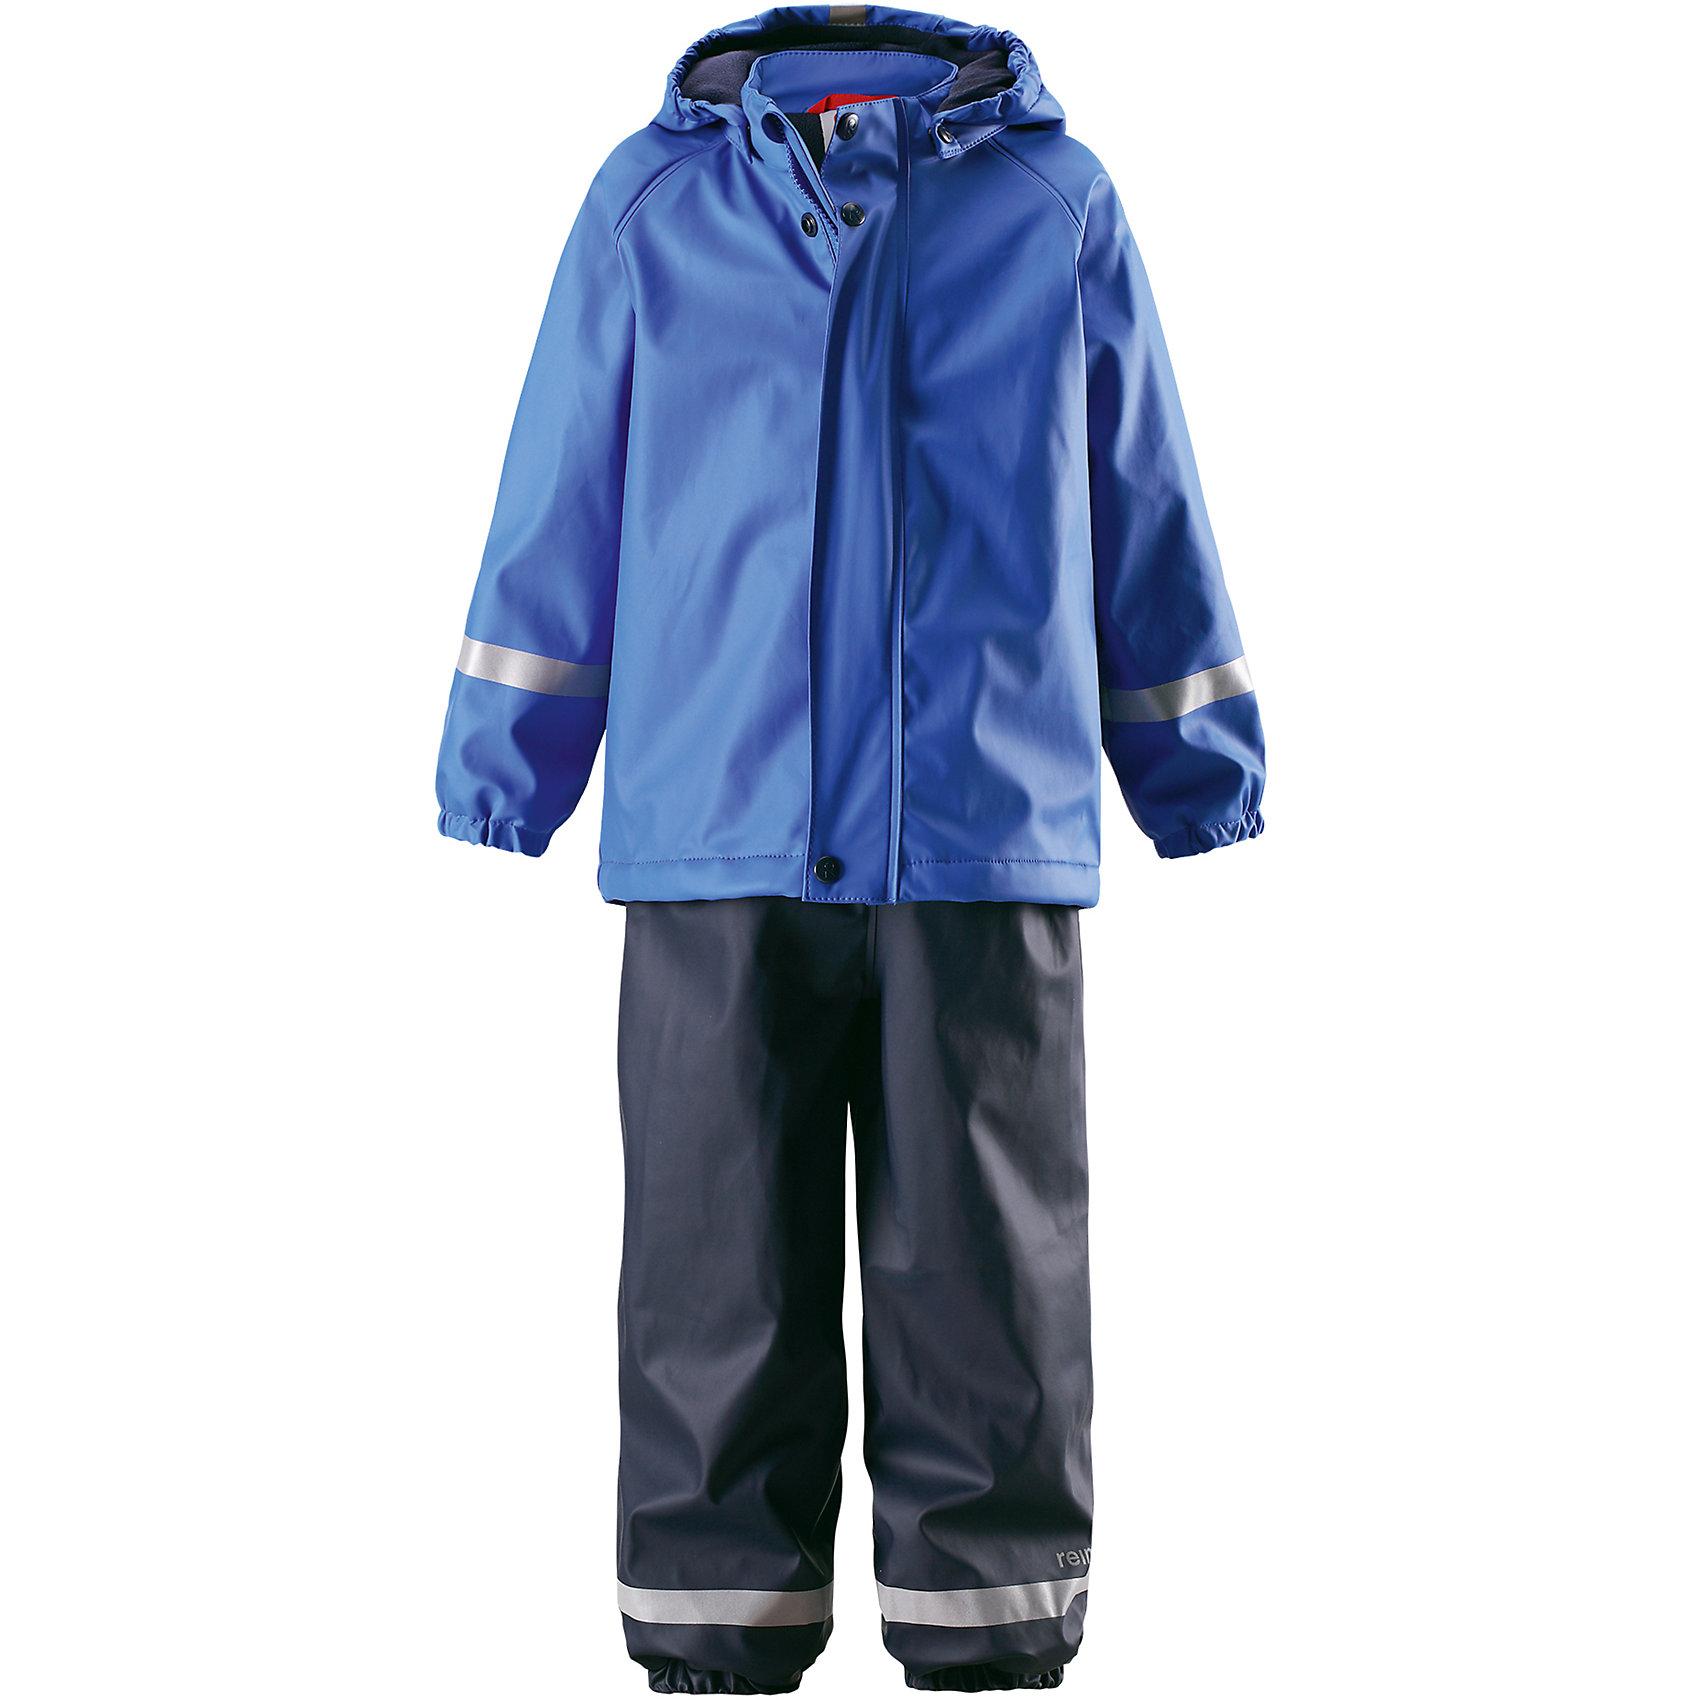 Непромокаемый комплект Joki: куртка и брюки для мальчика  ReimaОдежда<br>Характеристики товара:<br><br>• цвет: синий<br>• состав: 100% полиэстер, полиуретановое покрытие<br>• температурный режим: от +10°до +20°С<br>•водонепроницаемость: 10000 мм<br>• комплектация: куртка, штаны<br>• водонепроницаемые запаянные швы<br>• эластичный материал<br>• не содержит ПВХ<br>• мягкая и теплая флисовая подкладка<br>• безопасный съемный капюшон<br>• эластичная резинка по краю капюшона<br>• эластичные манжеты <br>• обхват талии эластичный<br>• эластичные манжеты на концах брючин<br>• комфортная посадка<br>• съемные эластичные штрипки<br>• молния спереди<br>• светоотражающие детали<br>• без утеплителя<br>• страна производства: Китай<br>• страна бренда: Финляндия<br>• коллекция: весна-лето 2017<br><br>Демисезонный комплект из куртки и штанов поможет обеспечить ребенку комфорт и тепло. Предметы отлично смотрятся с различной одеждой. Комплект удобно сидит и модно выглядит. Материал отлично подходит для дождливой погоды. Стильный дизайн разрабатывался специально для детей.<br><br>Обувь и одежда от финского бренда Reima пользуются популярностью во многих странах. Они стильные, качественные и удобные. Для производства продукции используются только безопасные, проверенные материалы и фурнитура. Порадуйте ребенка модными и красивыми вещами от Reima®! <br><br>Комплект: куртка и брюки для мальчика от финского бренда Reima (Рейма) можно купить в нашем интернет-магазине.<br><br>Ширина мм: 356<br>Глубина мм: 10<br>Высота мм: 245<br>Вес г: 519<br>Цвет: синий<br>Возраст от месяцев: 84<br>Возраст до месяцев: 96<br>Пол: Мужской<br>Возраст: Детский<br>Размер: 128,122,86,92,98,104,110,116<br>SKU: 5268198